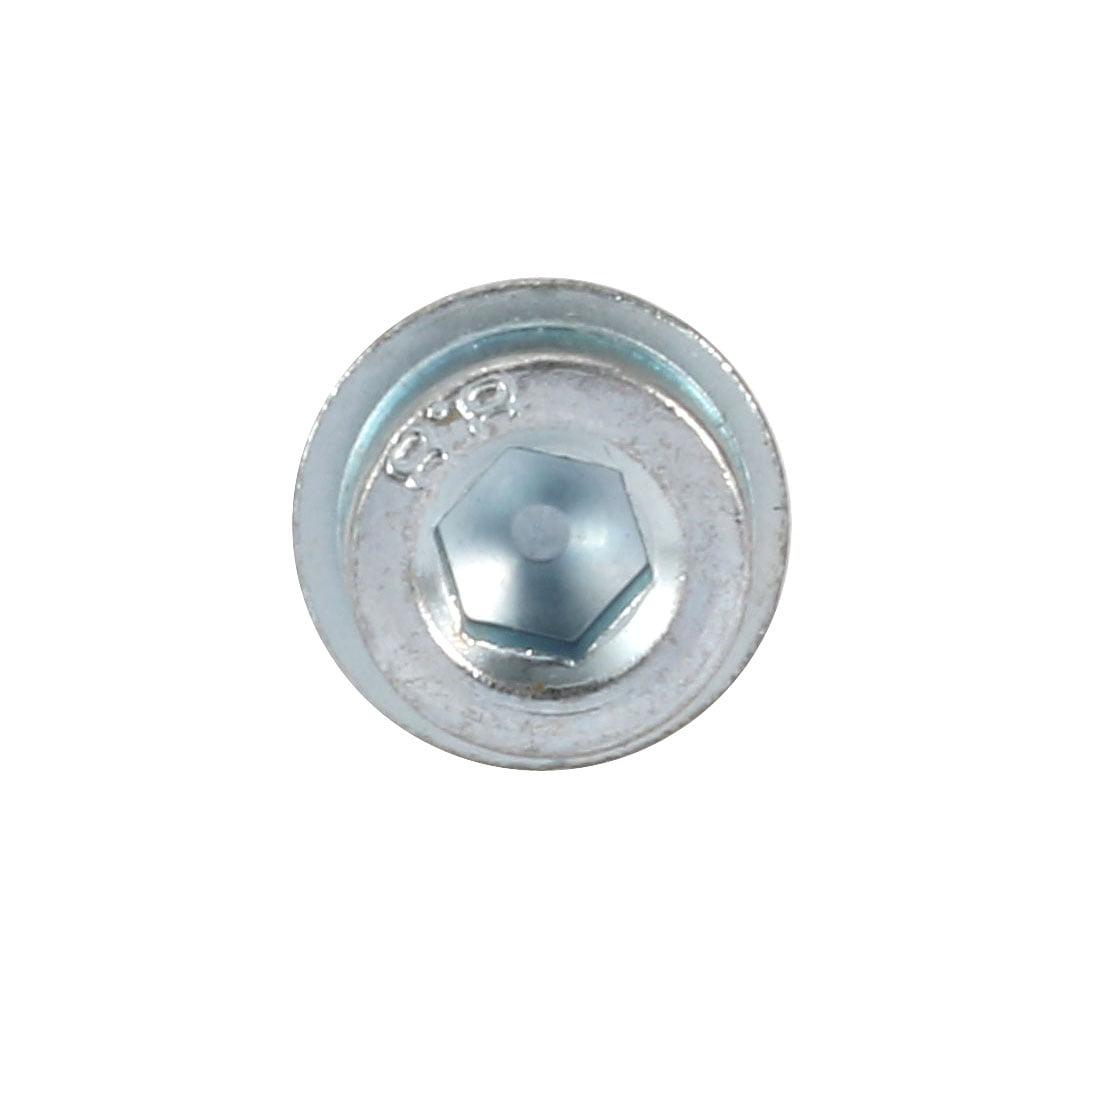 20Pcs M8x20mm 8.8 Grade Hex Socket Serrated Flange Socket Cap Head Bolt